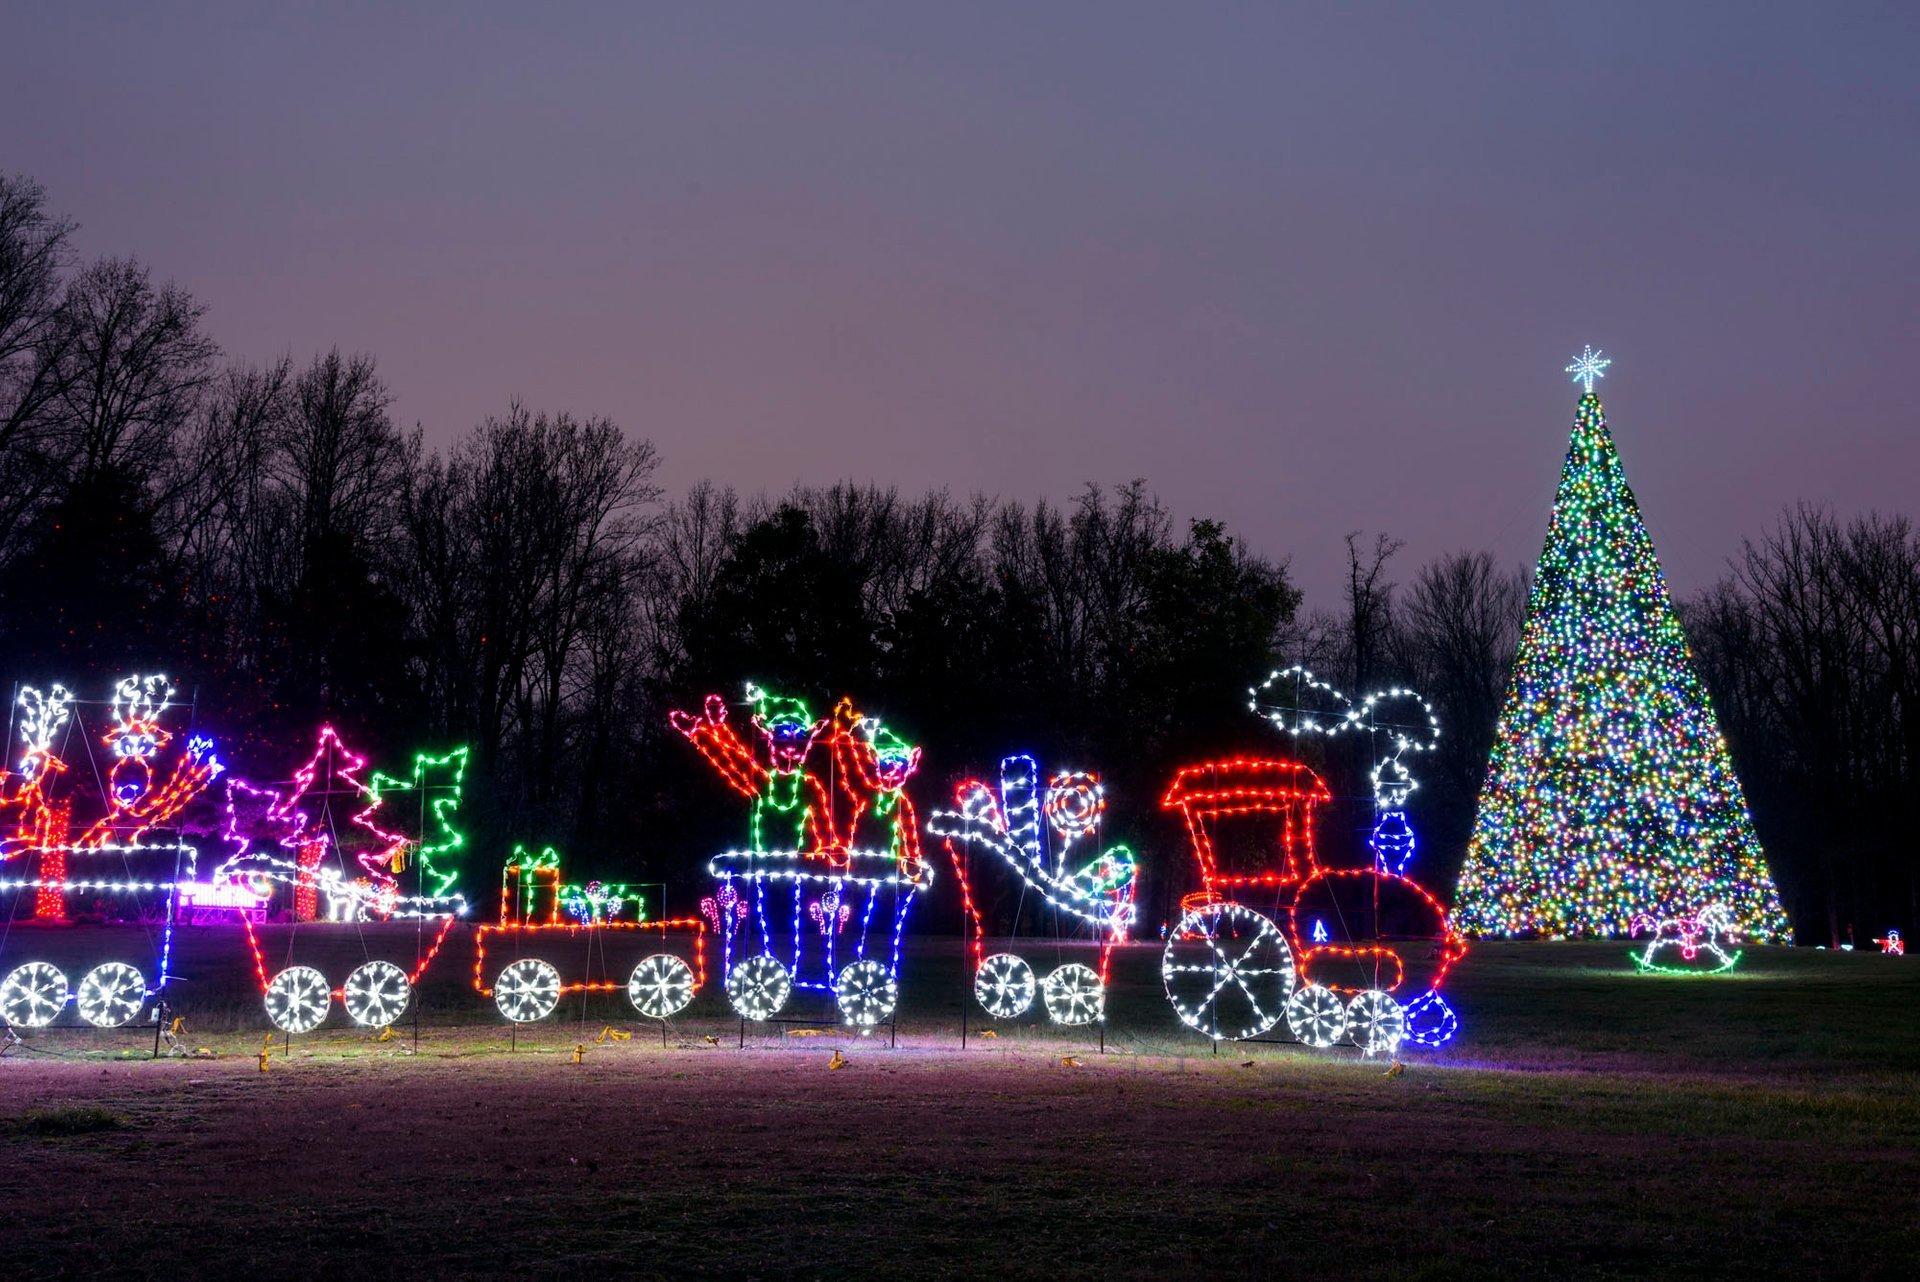 Winter Festival of Lights at Watkins Regional Park 2020